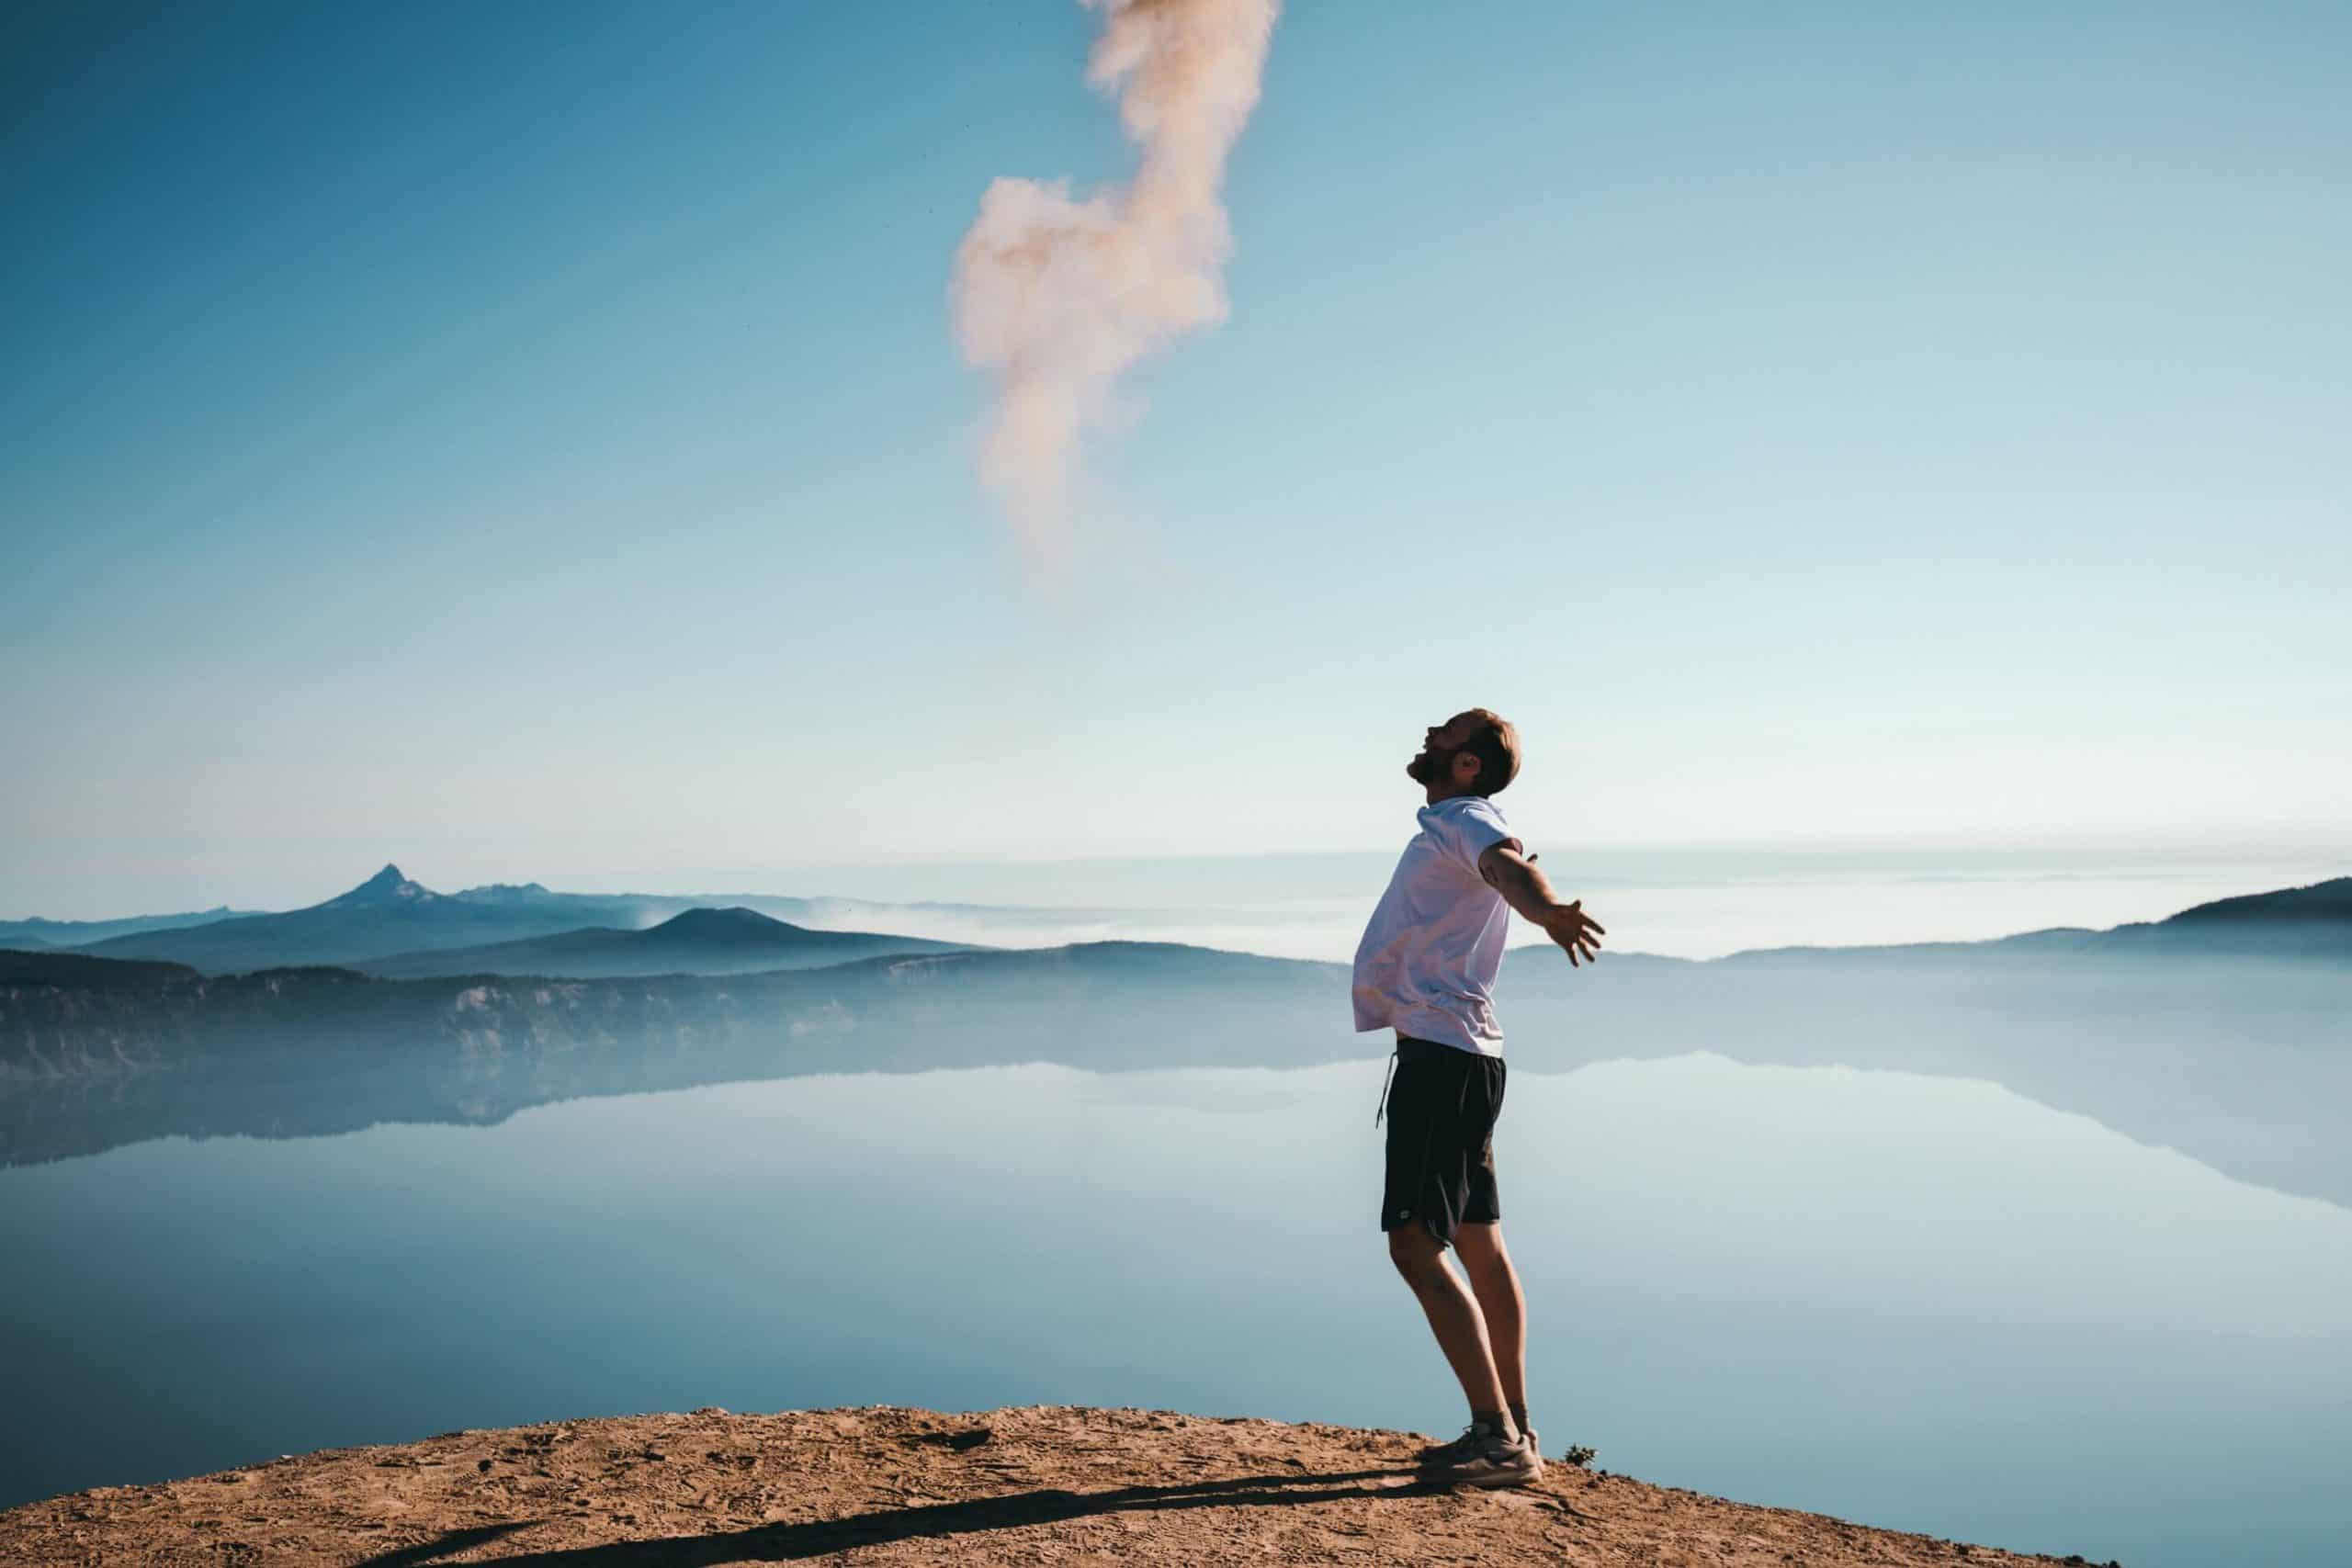 hábitos-para-reconquistar-os-sonhos